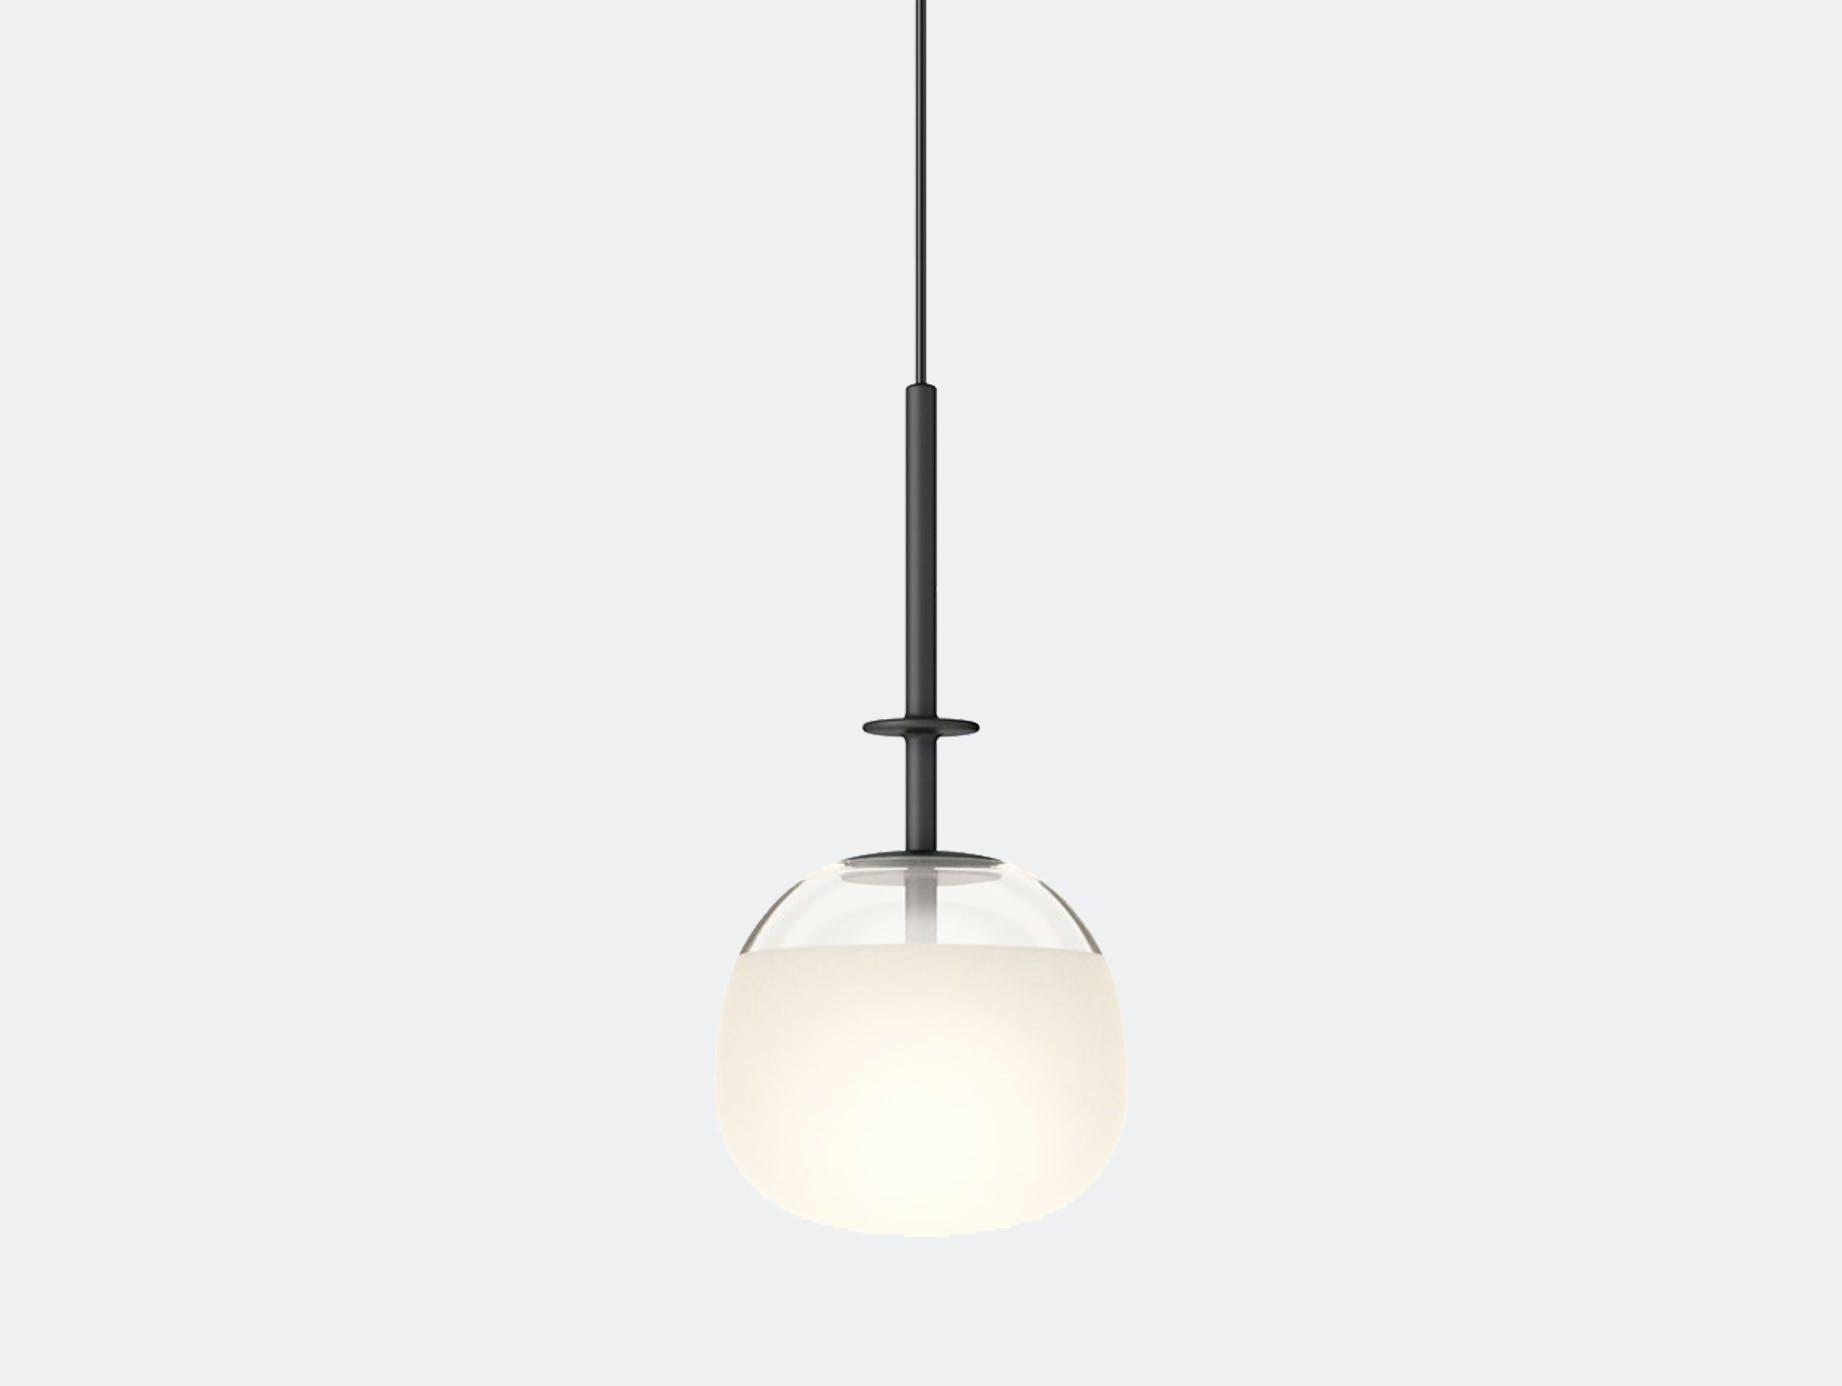 Vibia Tempo Pendant Lamp Model 5772 Lievore Altherr